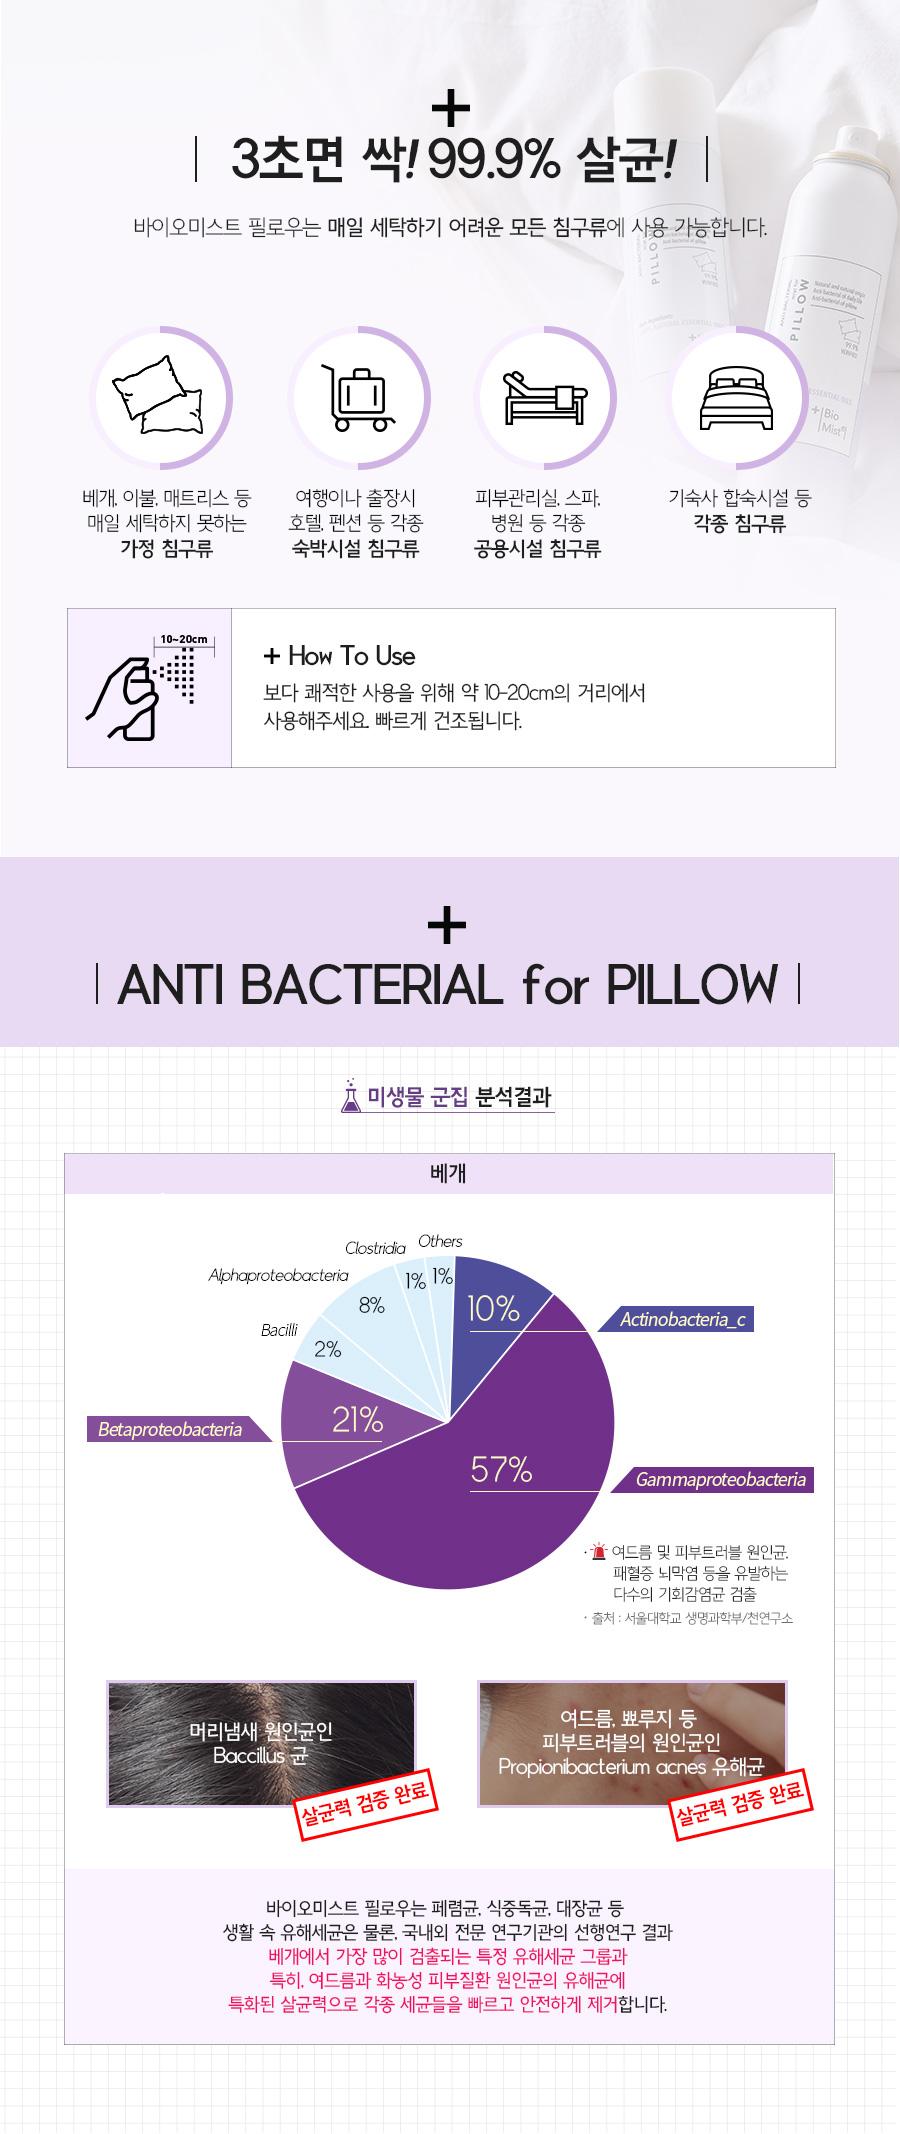 세균지우개 필로우 베개 베개커버 살균 소독 미스트 100ml - 바이오미스트, 24,500원, 생활잡화, 생활소모품